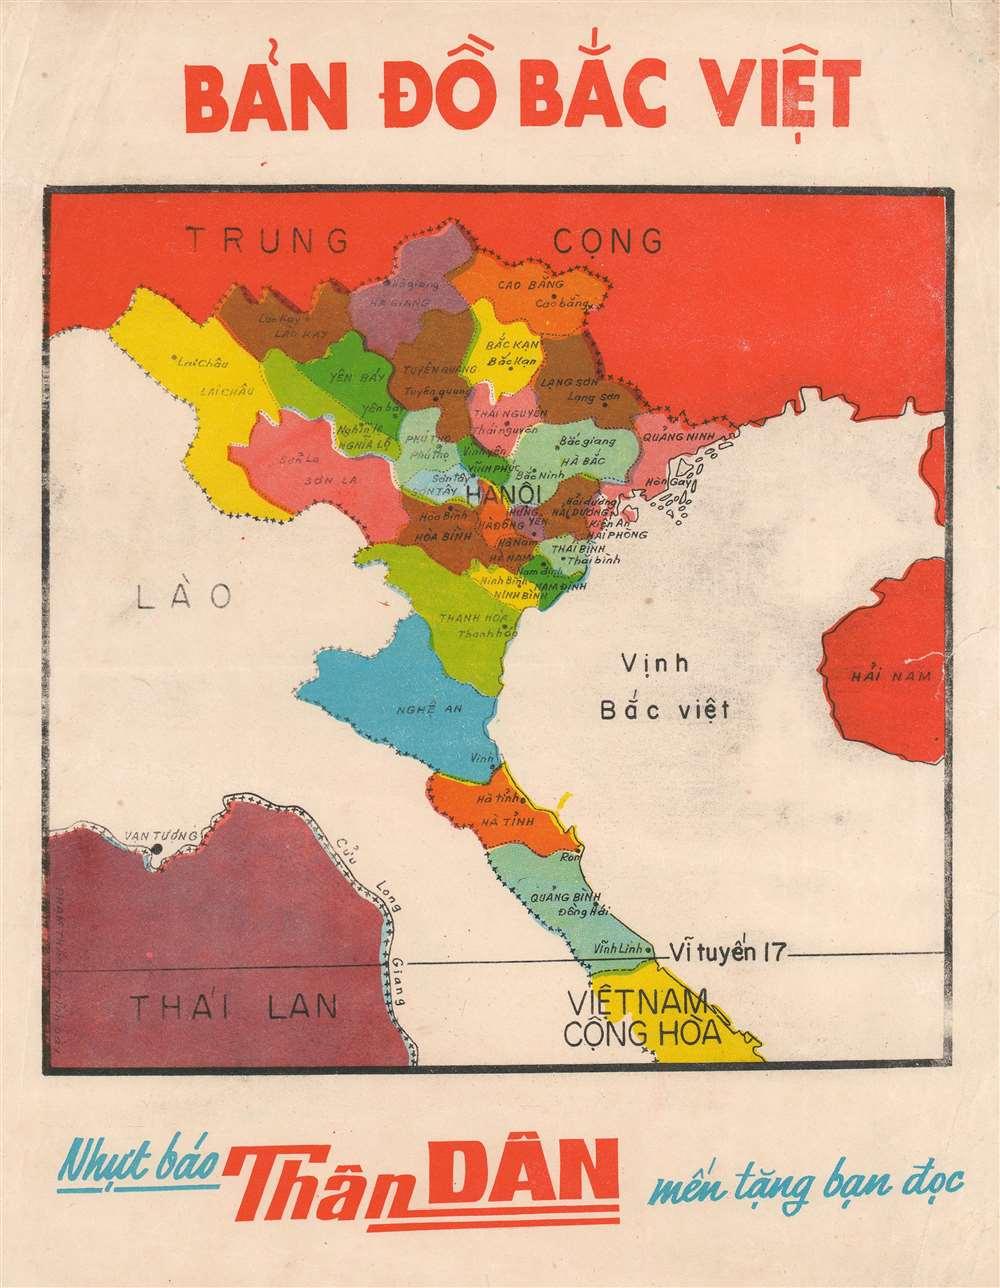 Bản Đồ Bắc Việt. - Main View